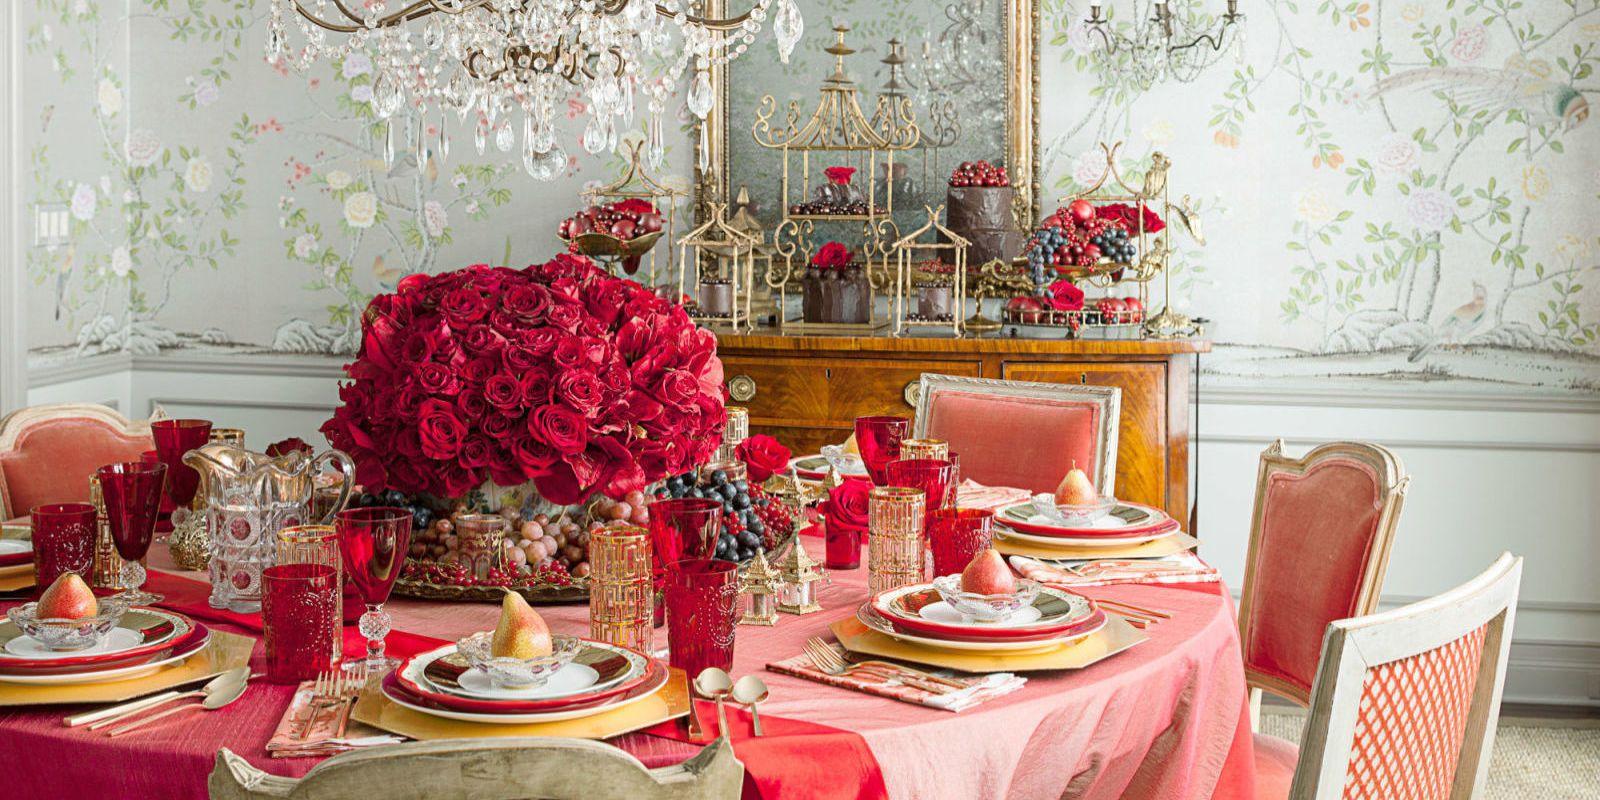 JOHN GRANEN & 19 Valentine\u0027s Day Table Decorations - Romantic Tablescape Ideas ...